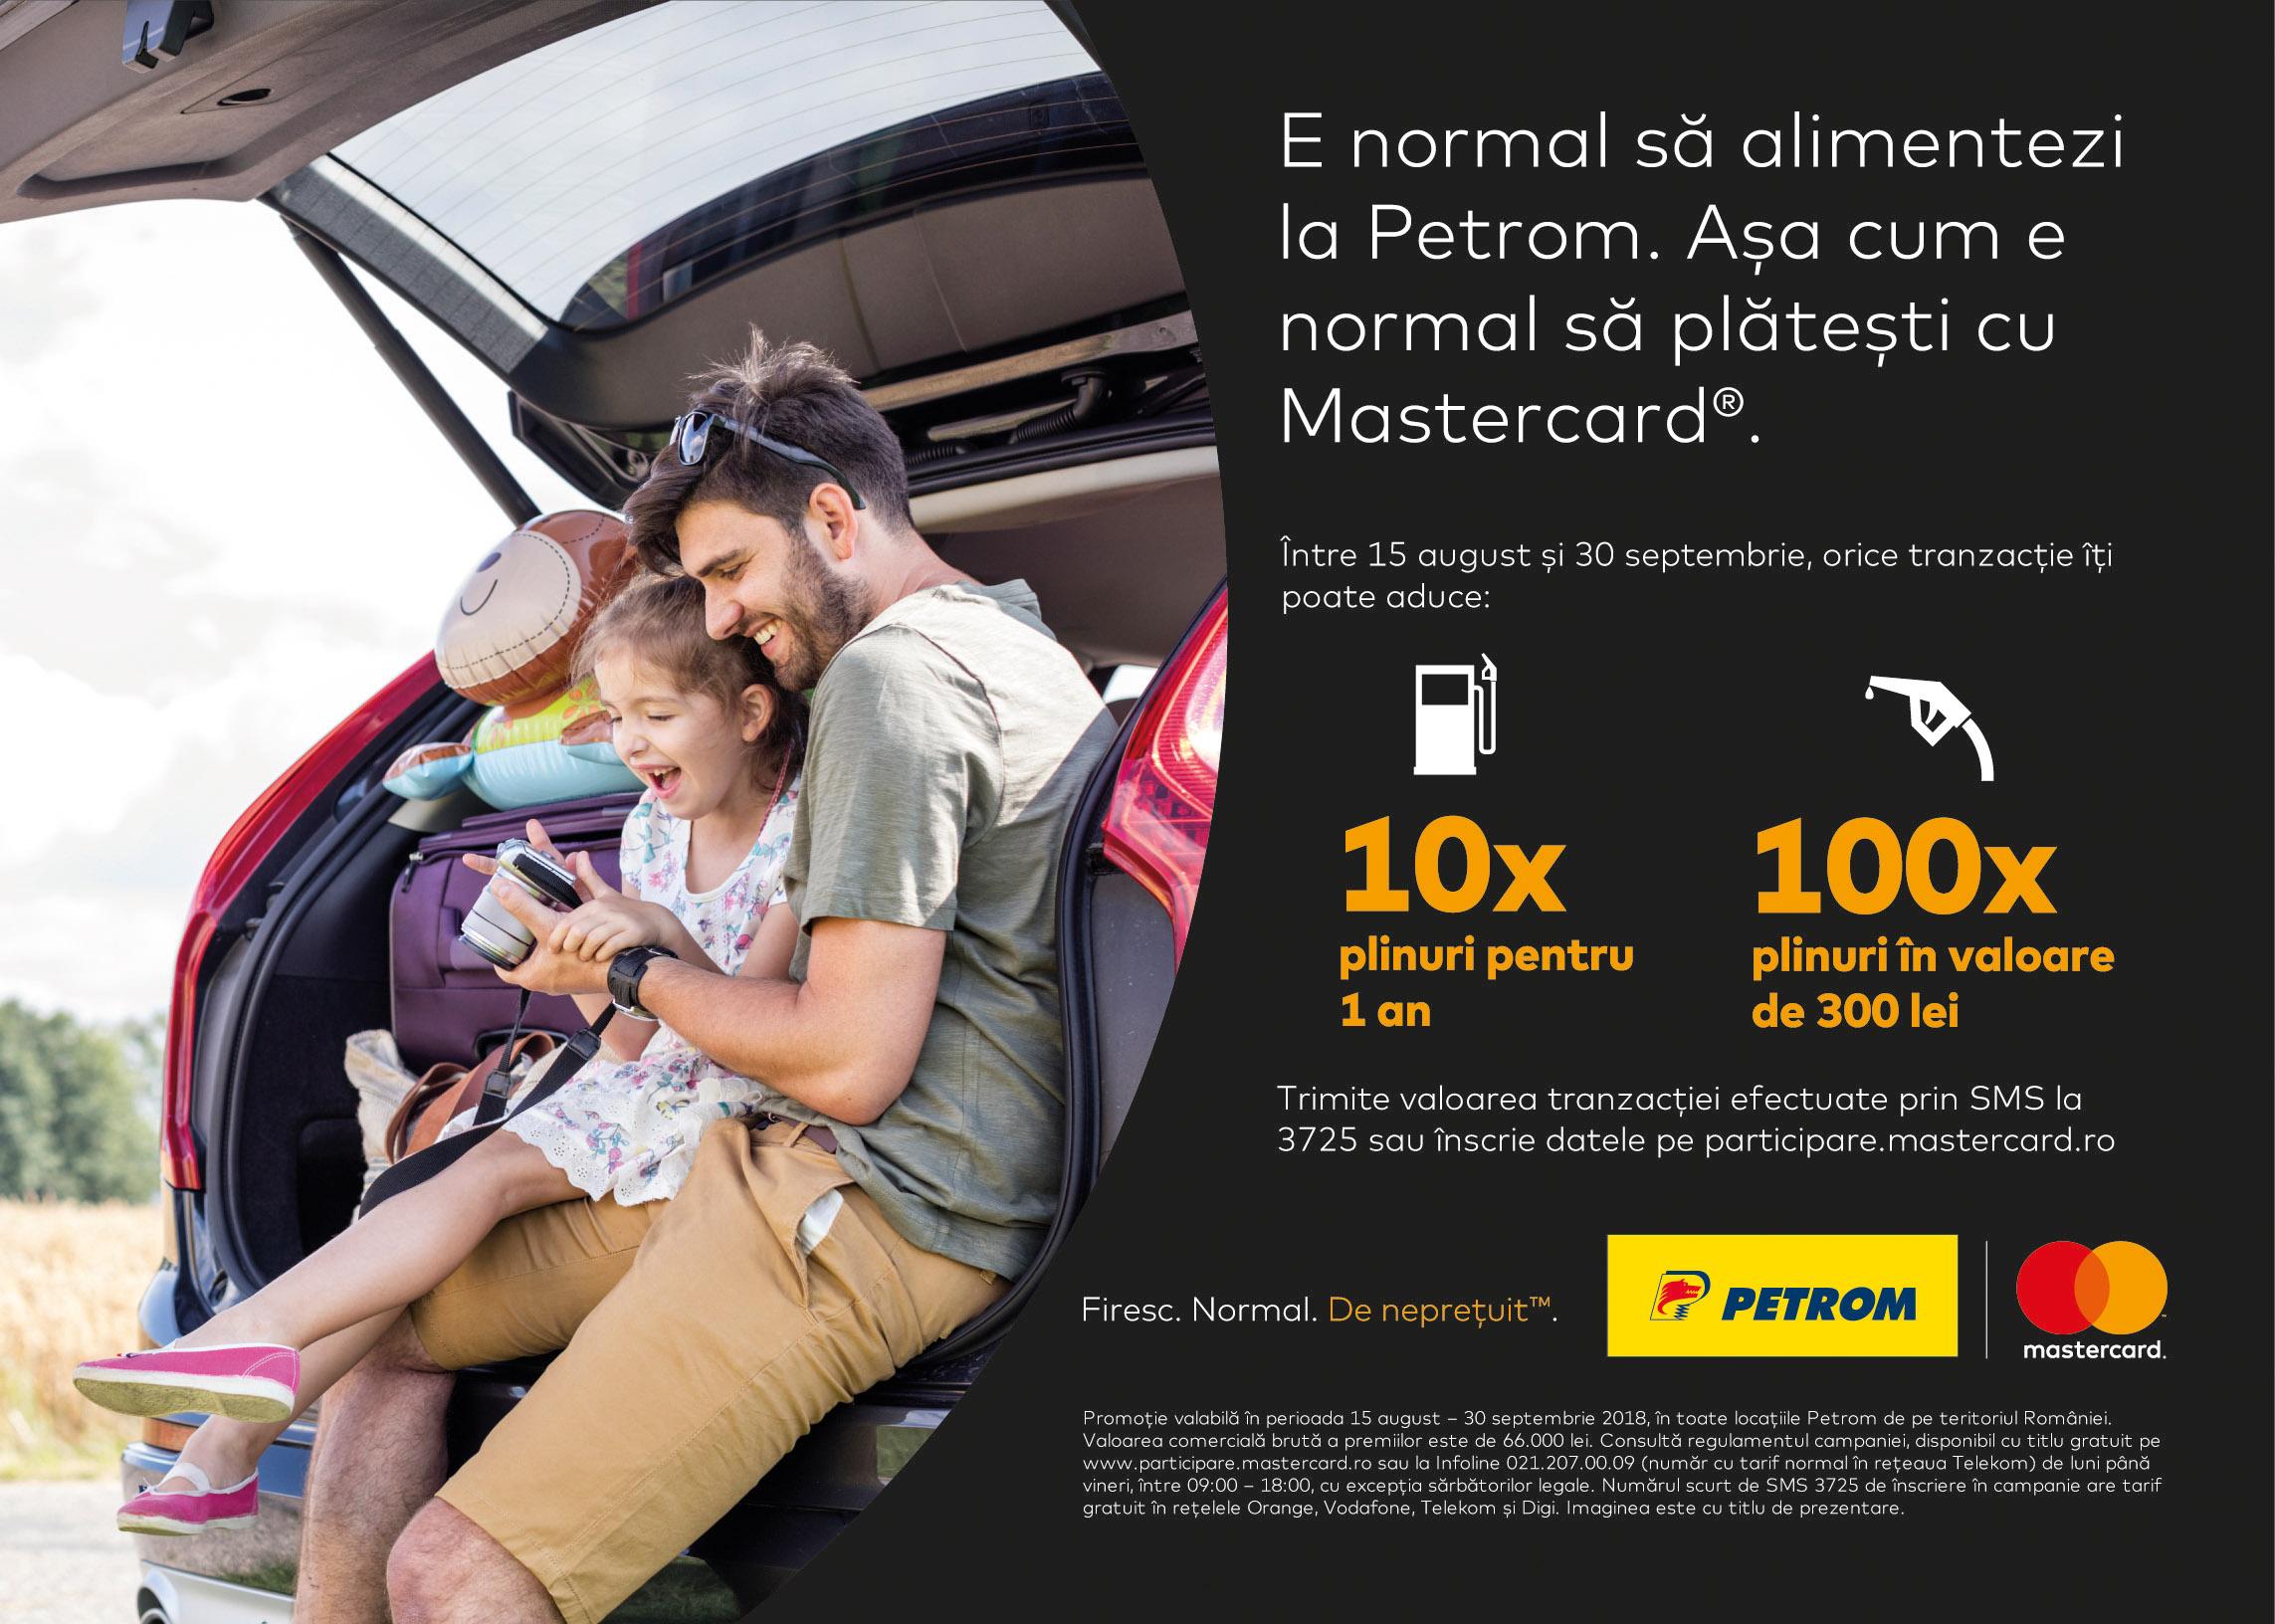 Mastercard și stațiile Petrom încurajează românii să opteze pentru plățile cu cardul în benzinării